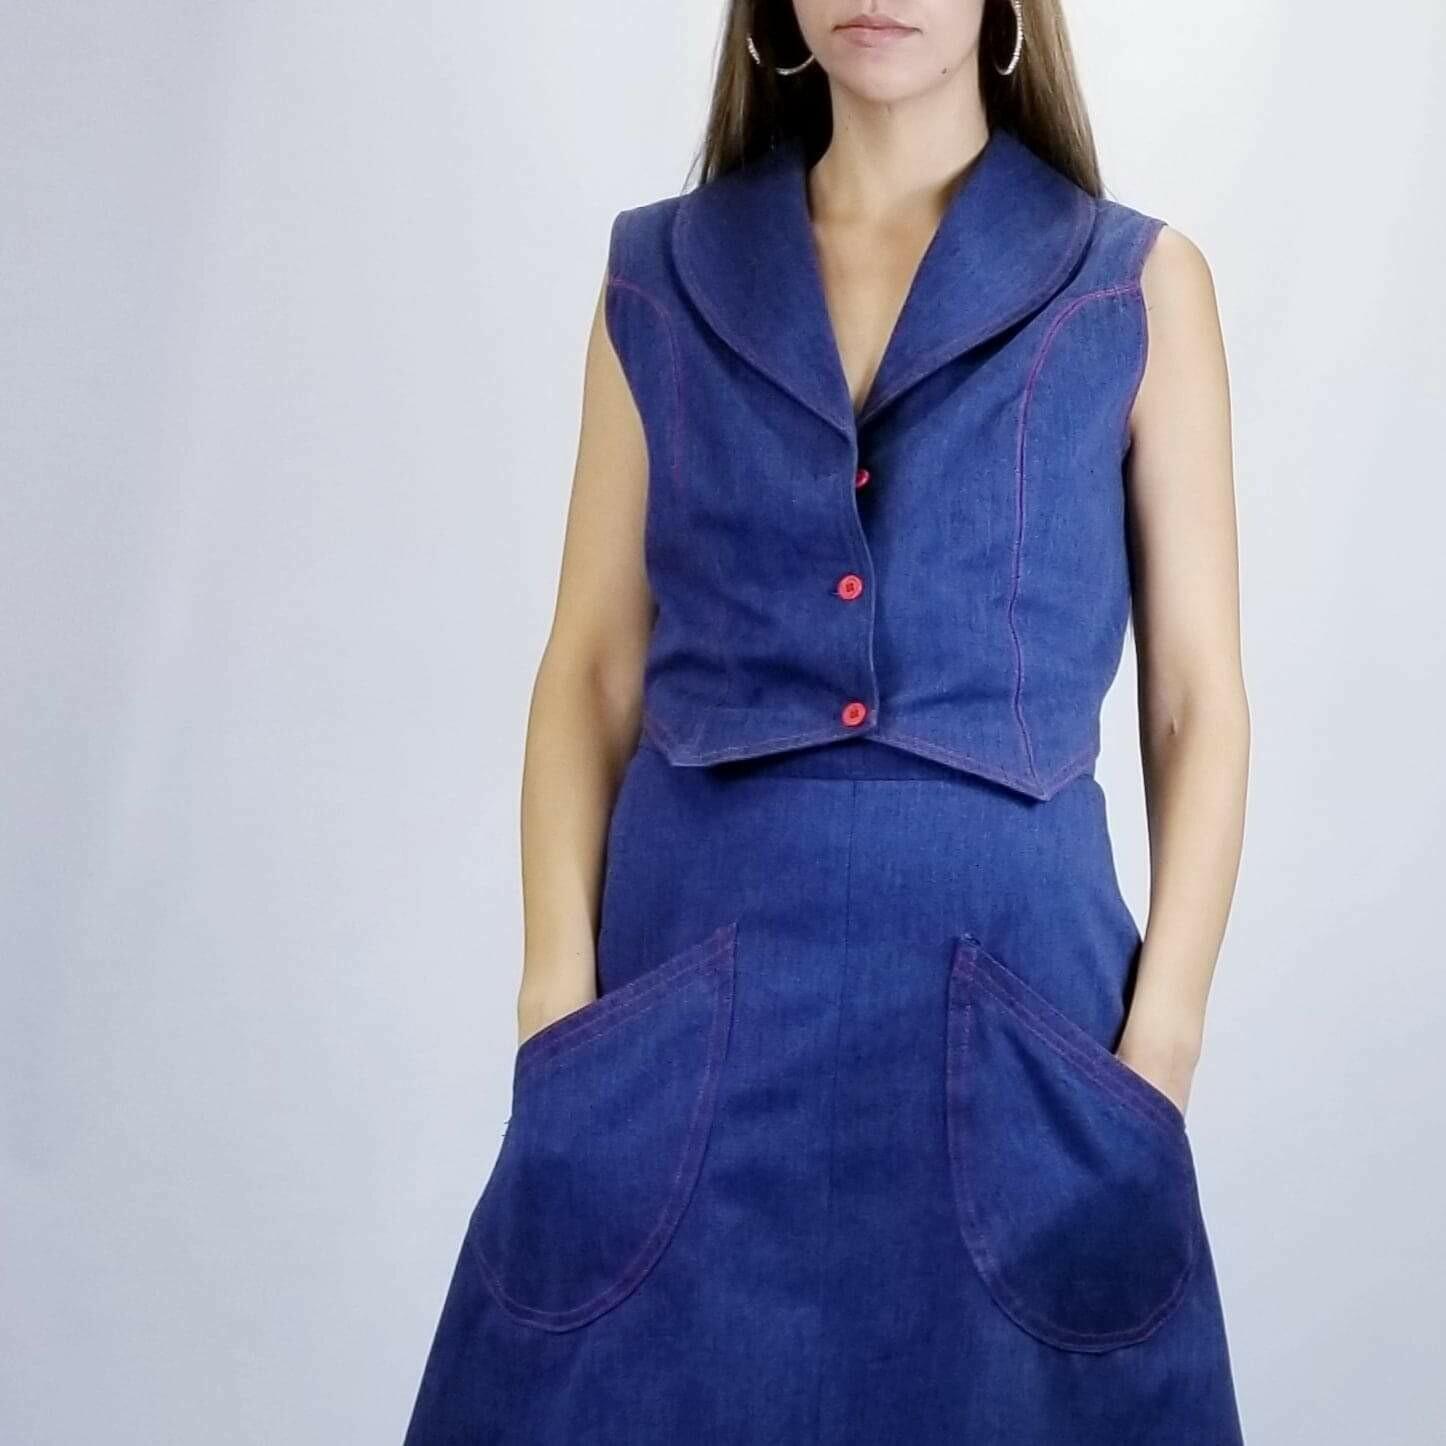 Early 1970s  Deep Denim 2pc Vest & Skirt